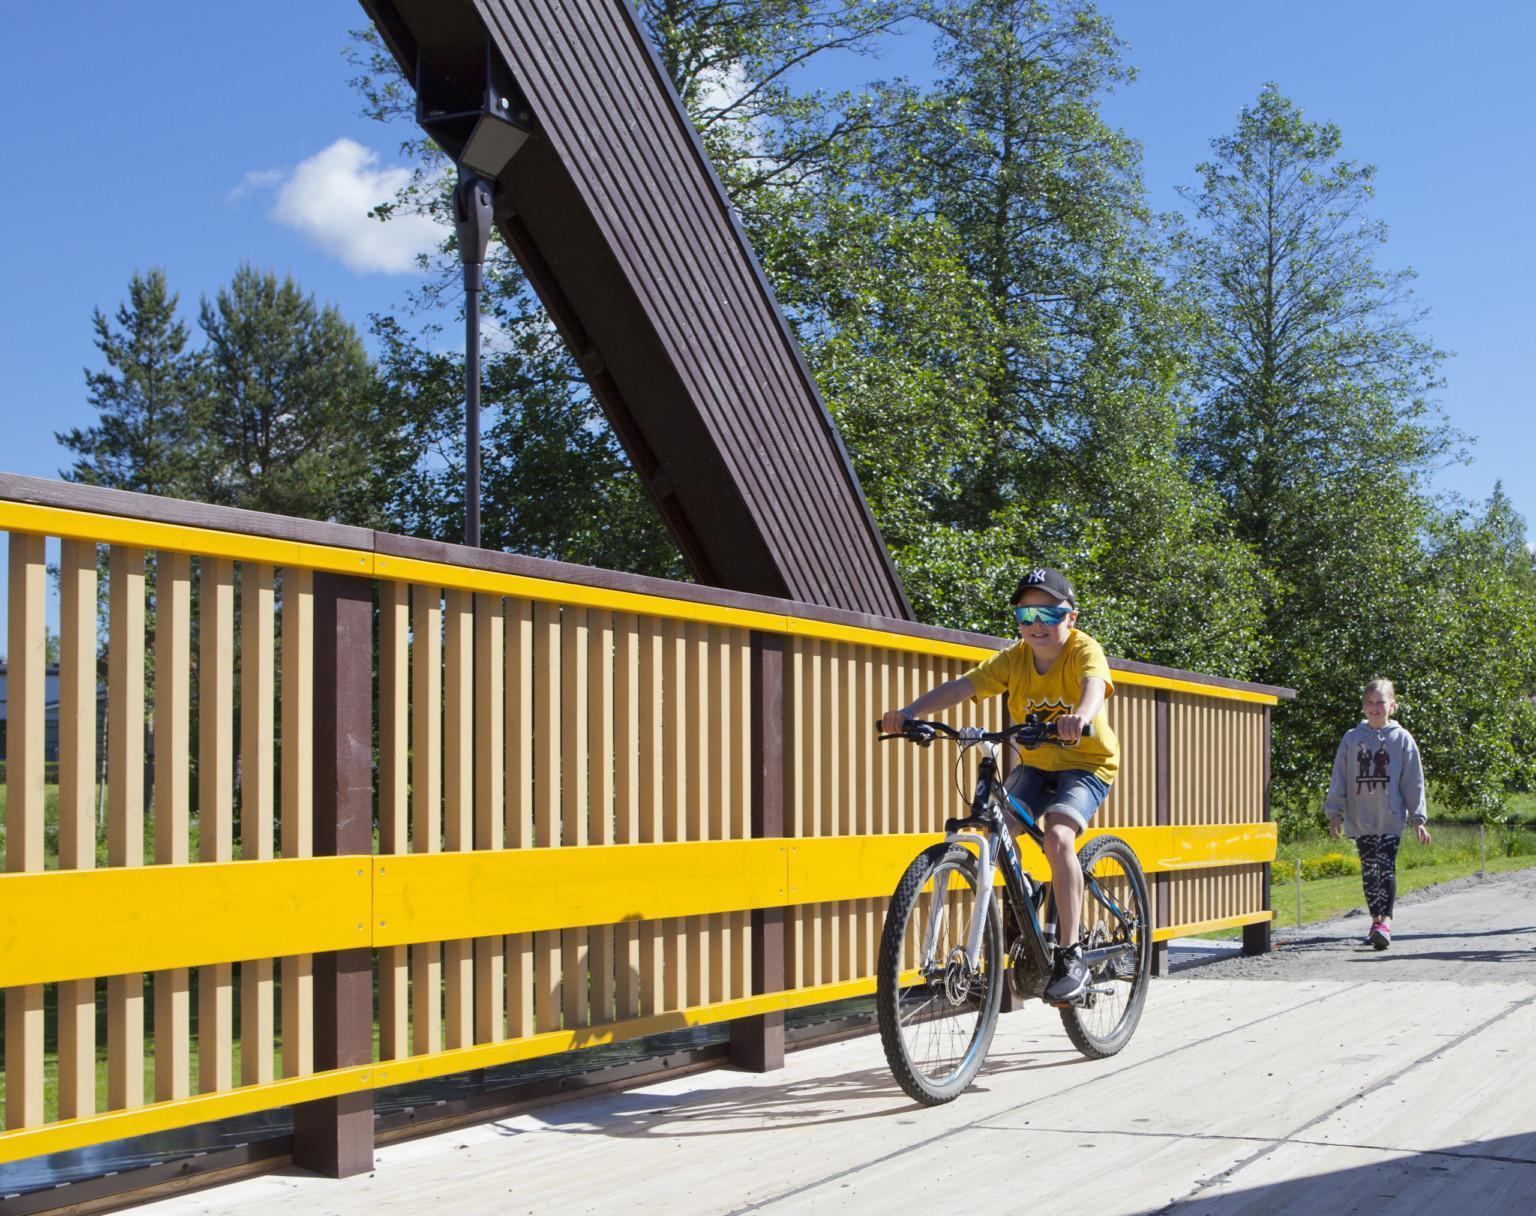 Joen yli menevällä sillalla polkupyöräilijä ja käveliä tulossa siltaa pitkin.